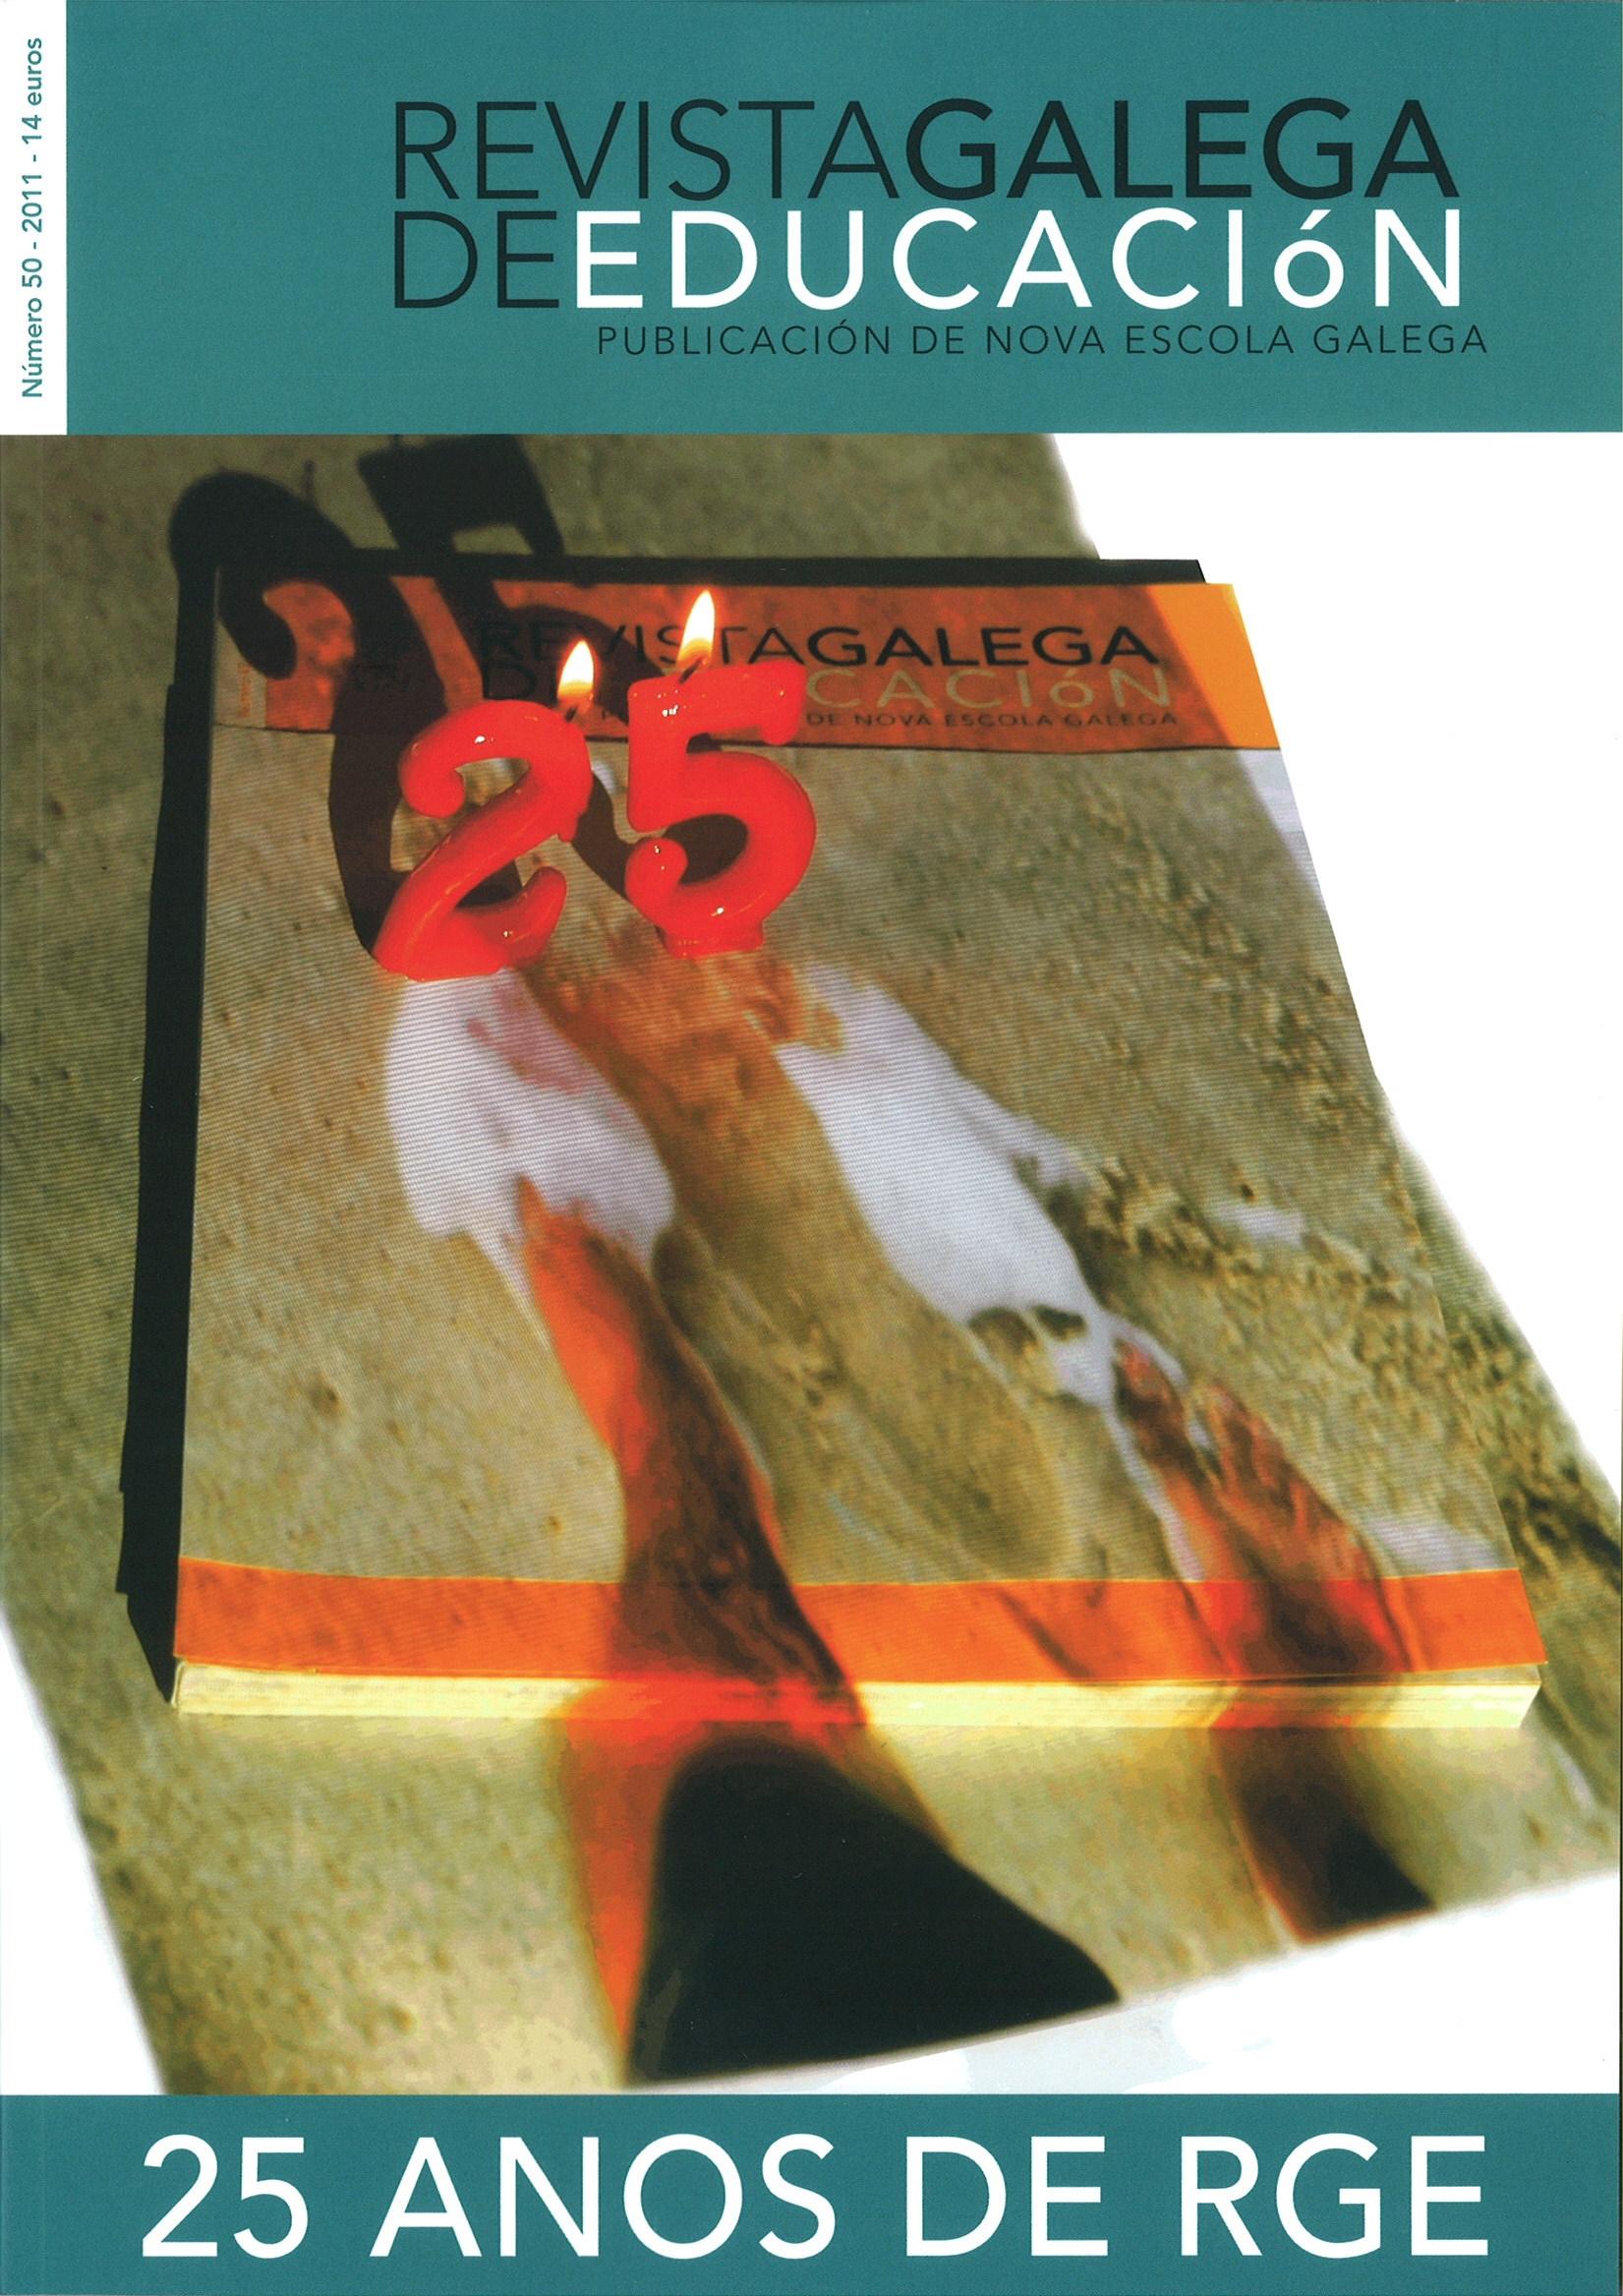 A publicación de Nova Escola Galega repasa 25 anos de ensino no país